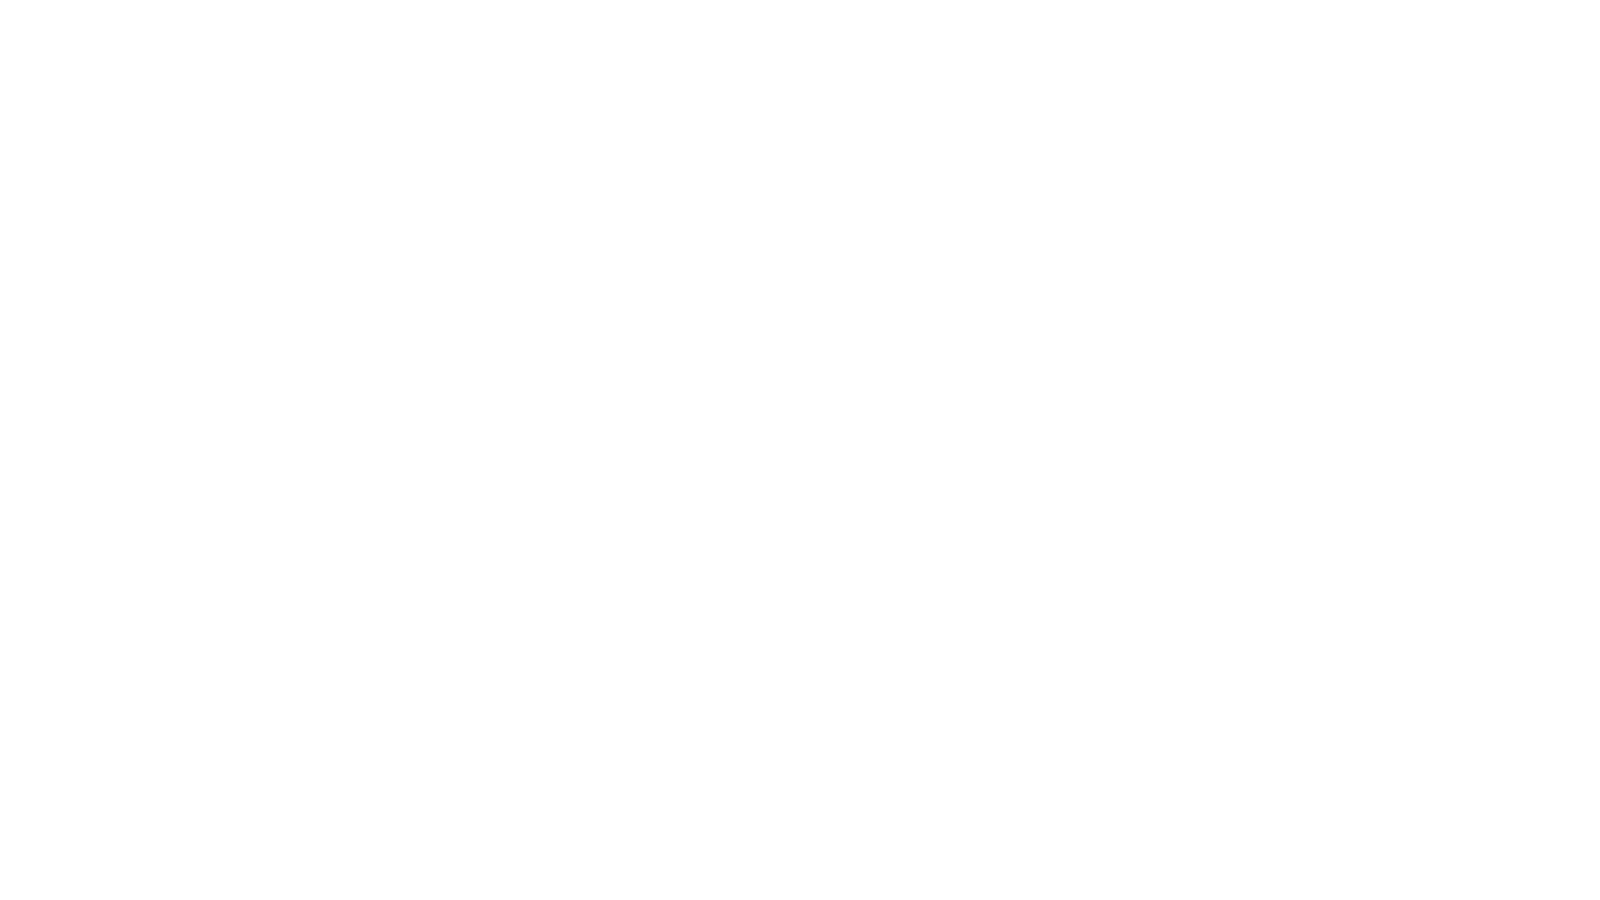 京都の税理士・尾藤(びとう)より、弊所ホームページにお越しの皆様へのご挨拶です。【この動画に直接たどり着いた皆様へ】弊所は京都市左京区を拠点とし、相続税や確定申告・クラウド会計についてお困りの方の支援を専門とする税理士事務所です。ホームページへもどうぞお越しください!https://bito-tax.com/